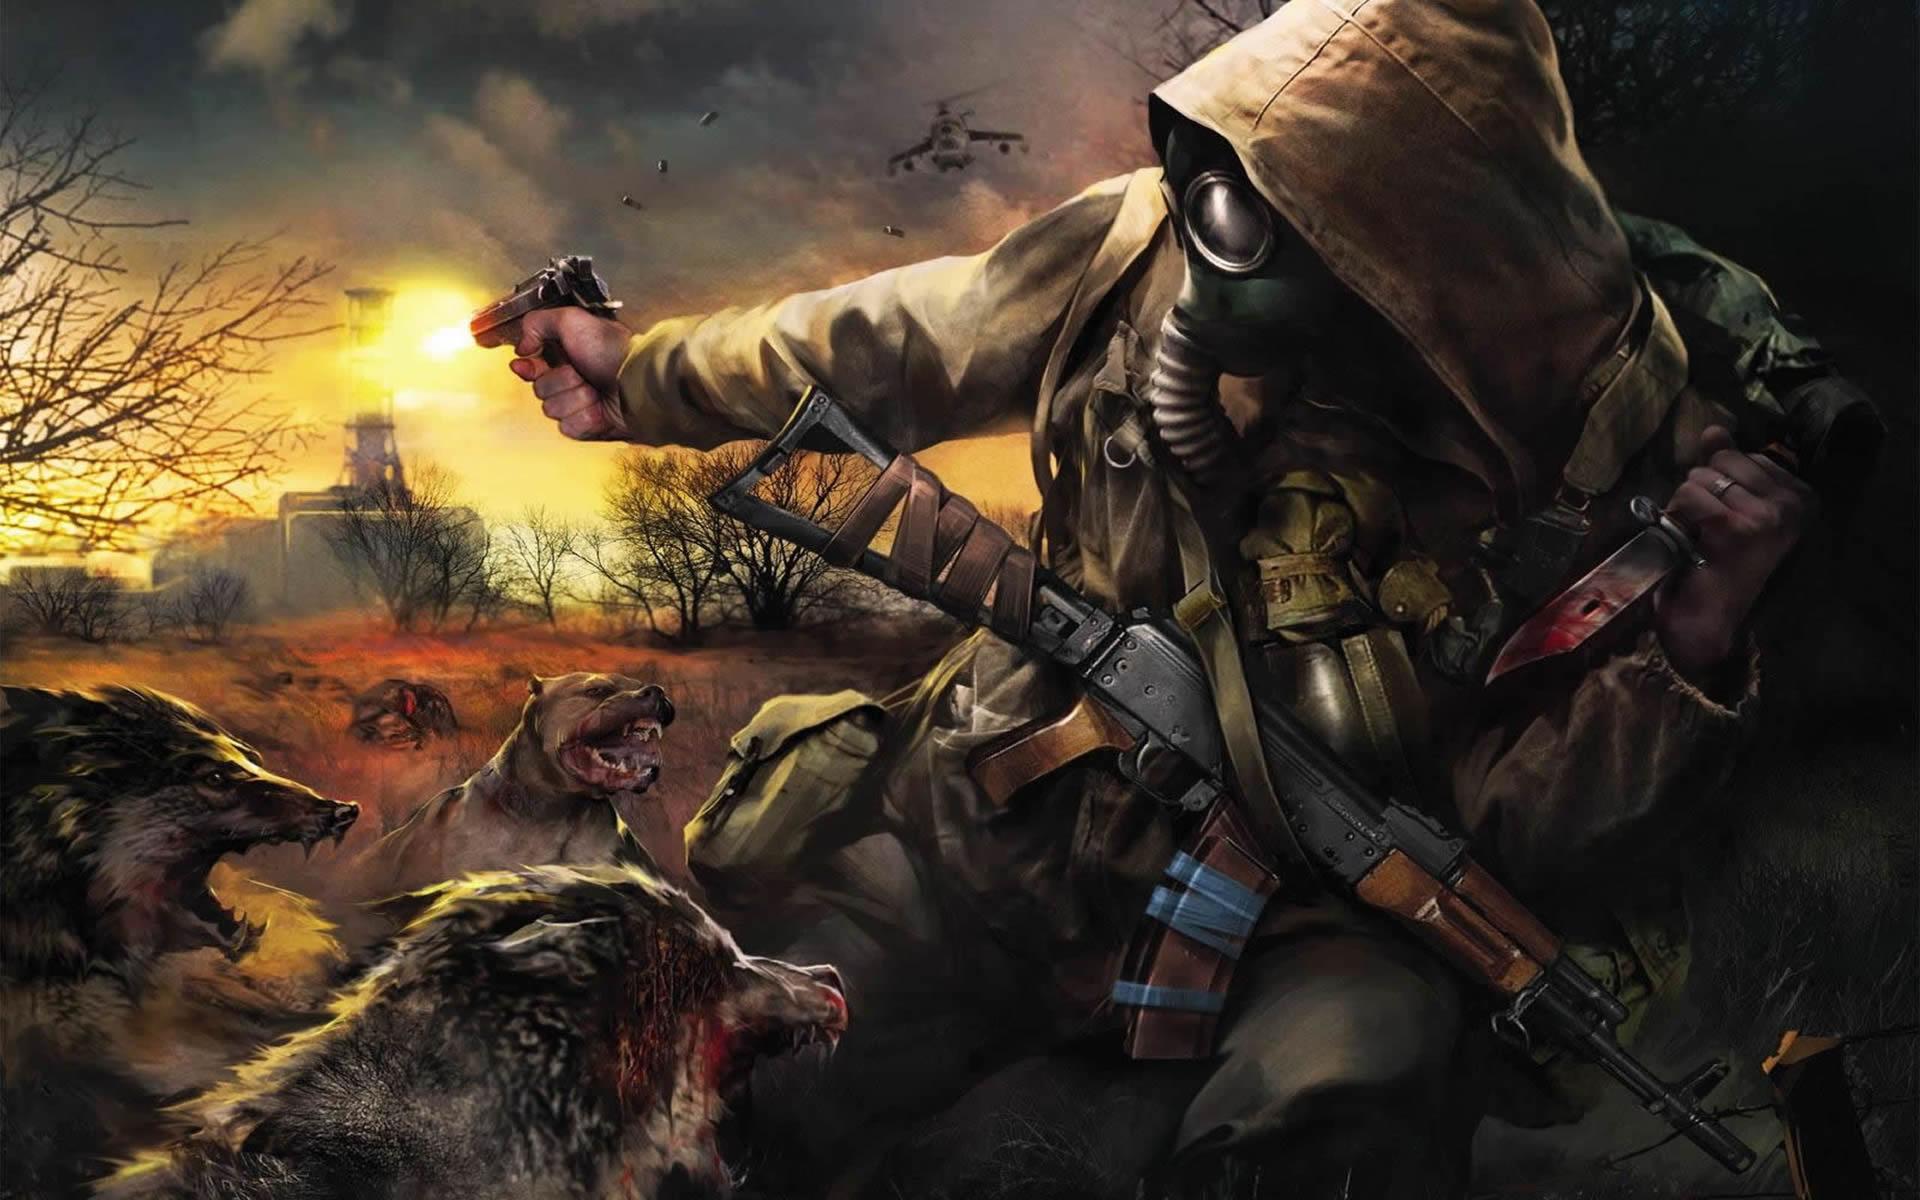 RPG Wallpapers - WallpaperSafari